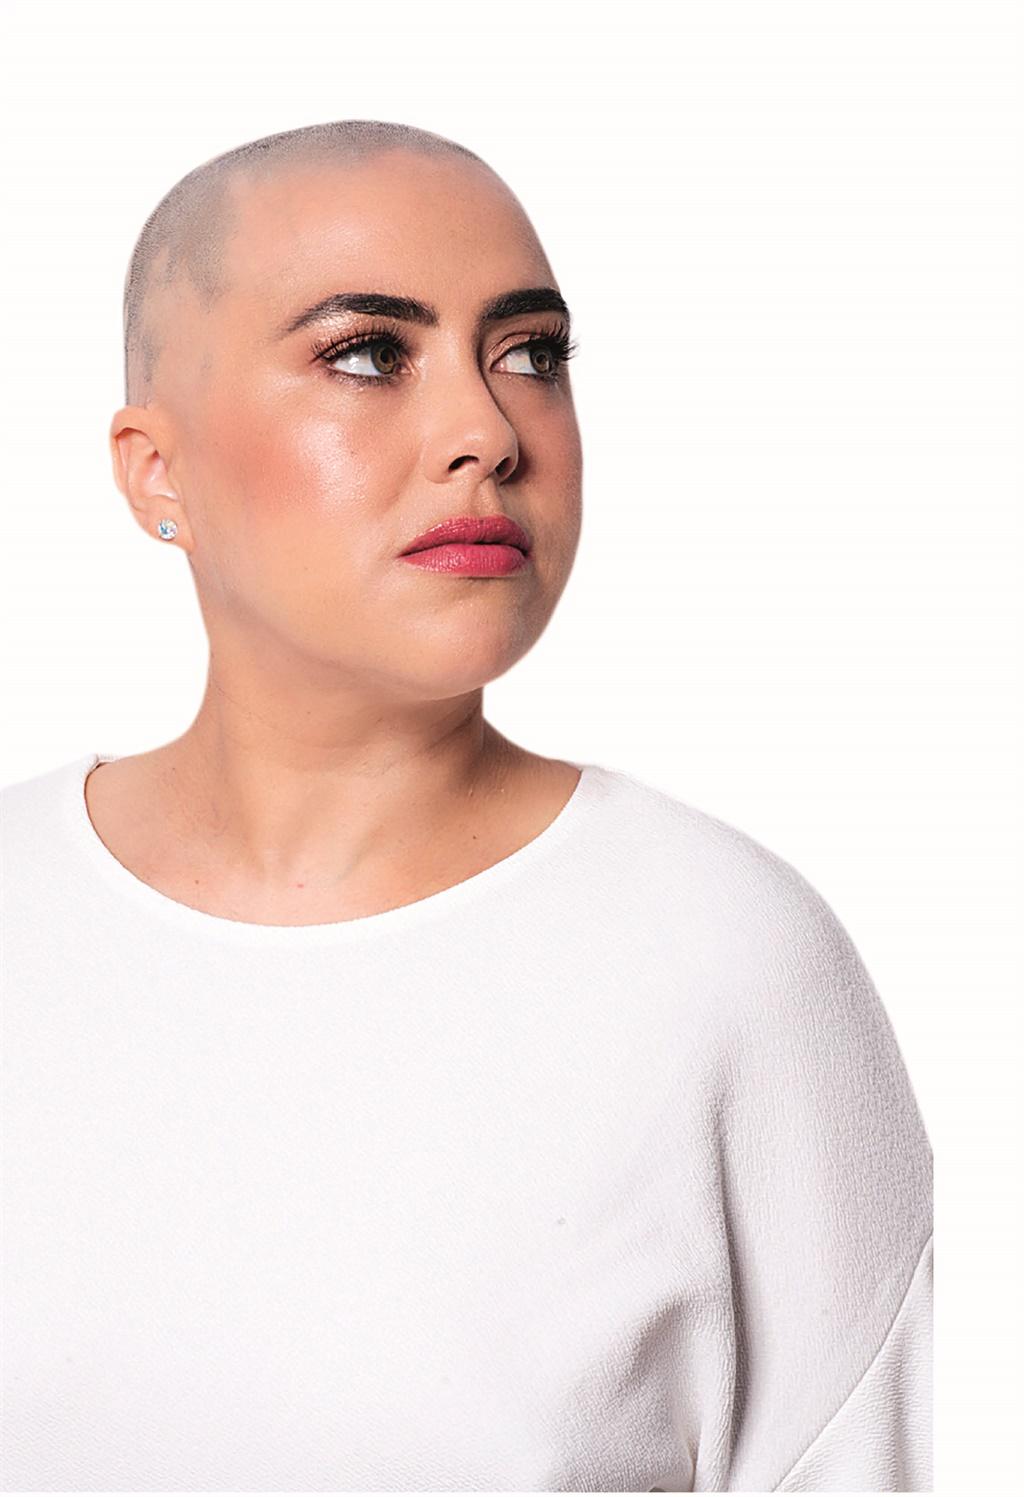 kelly pearce,alopecia